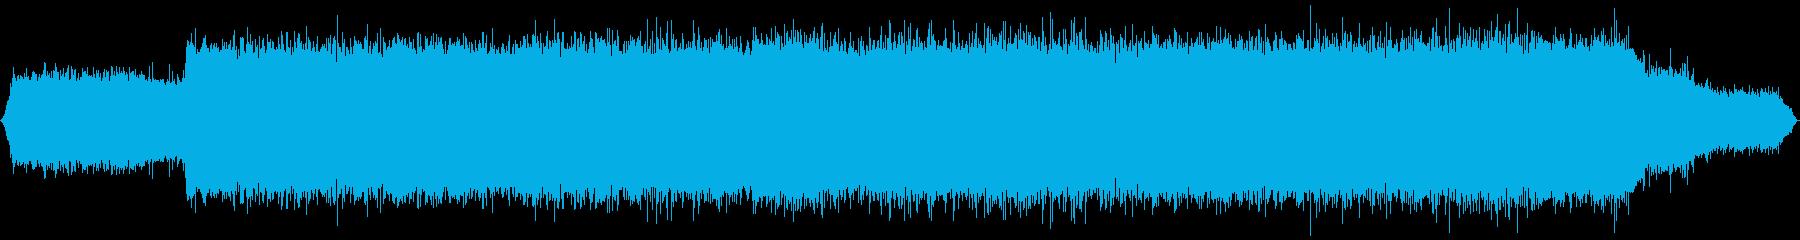 大型コンバインハーベスター:内線:...の再生済みの波形